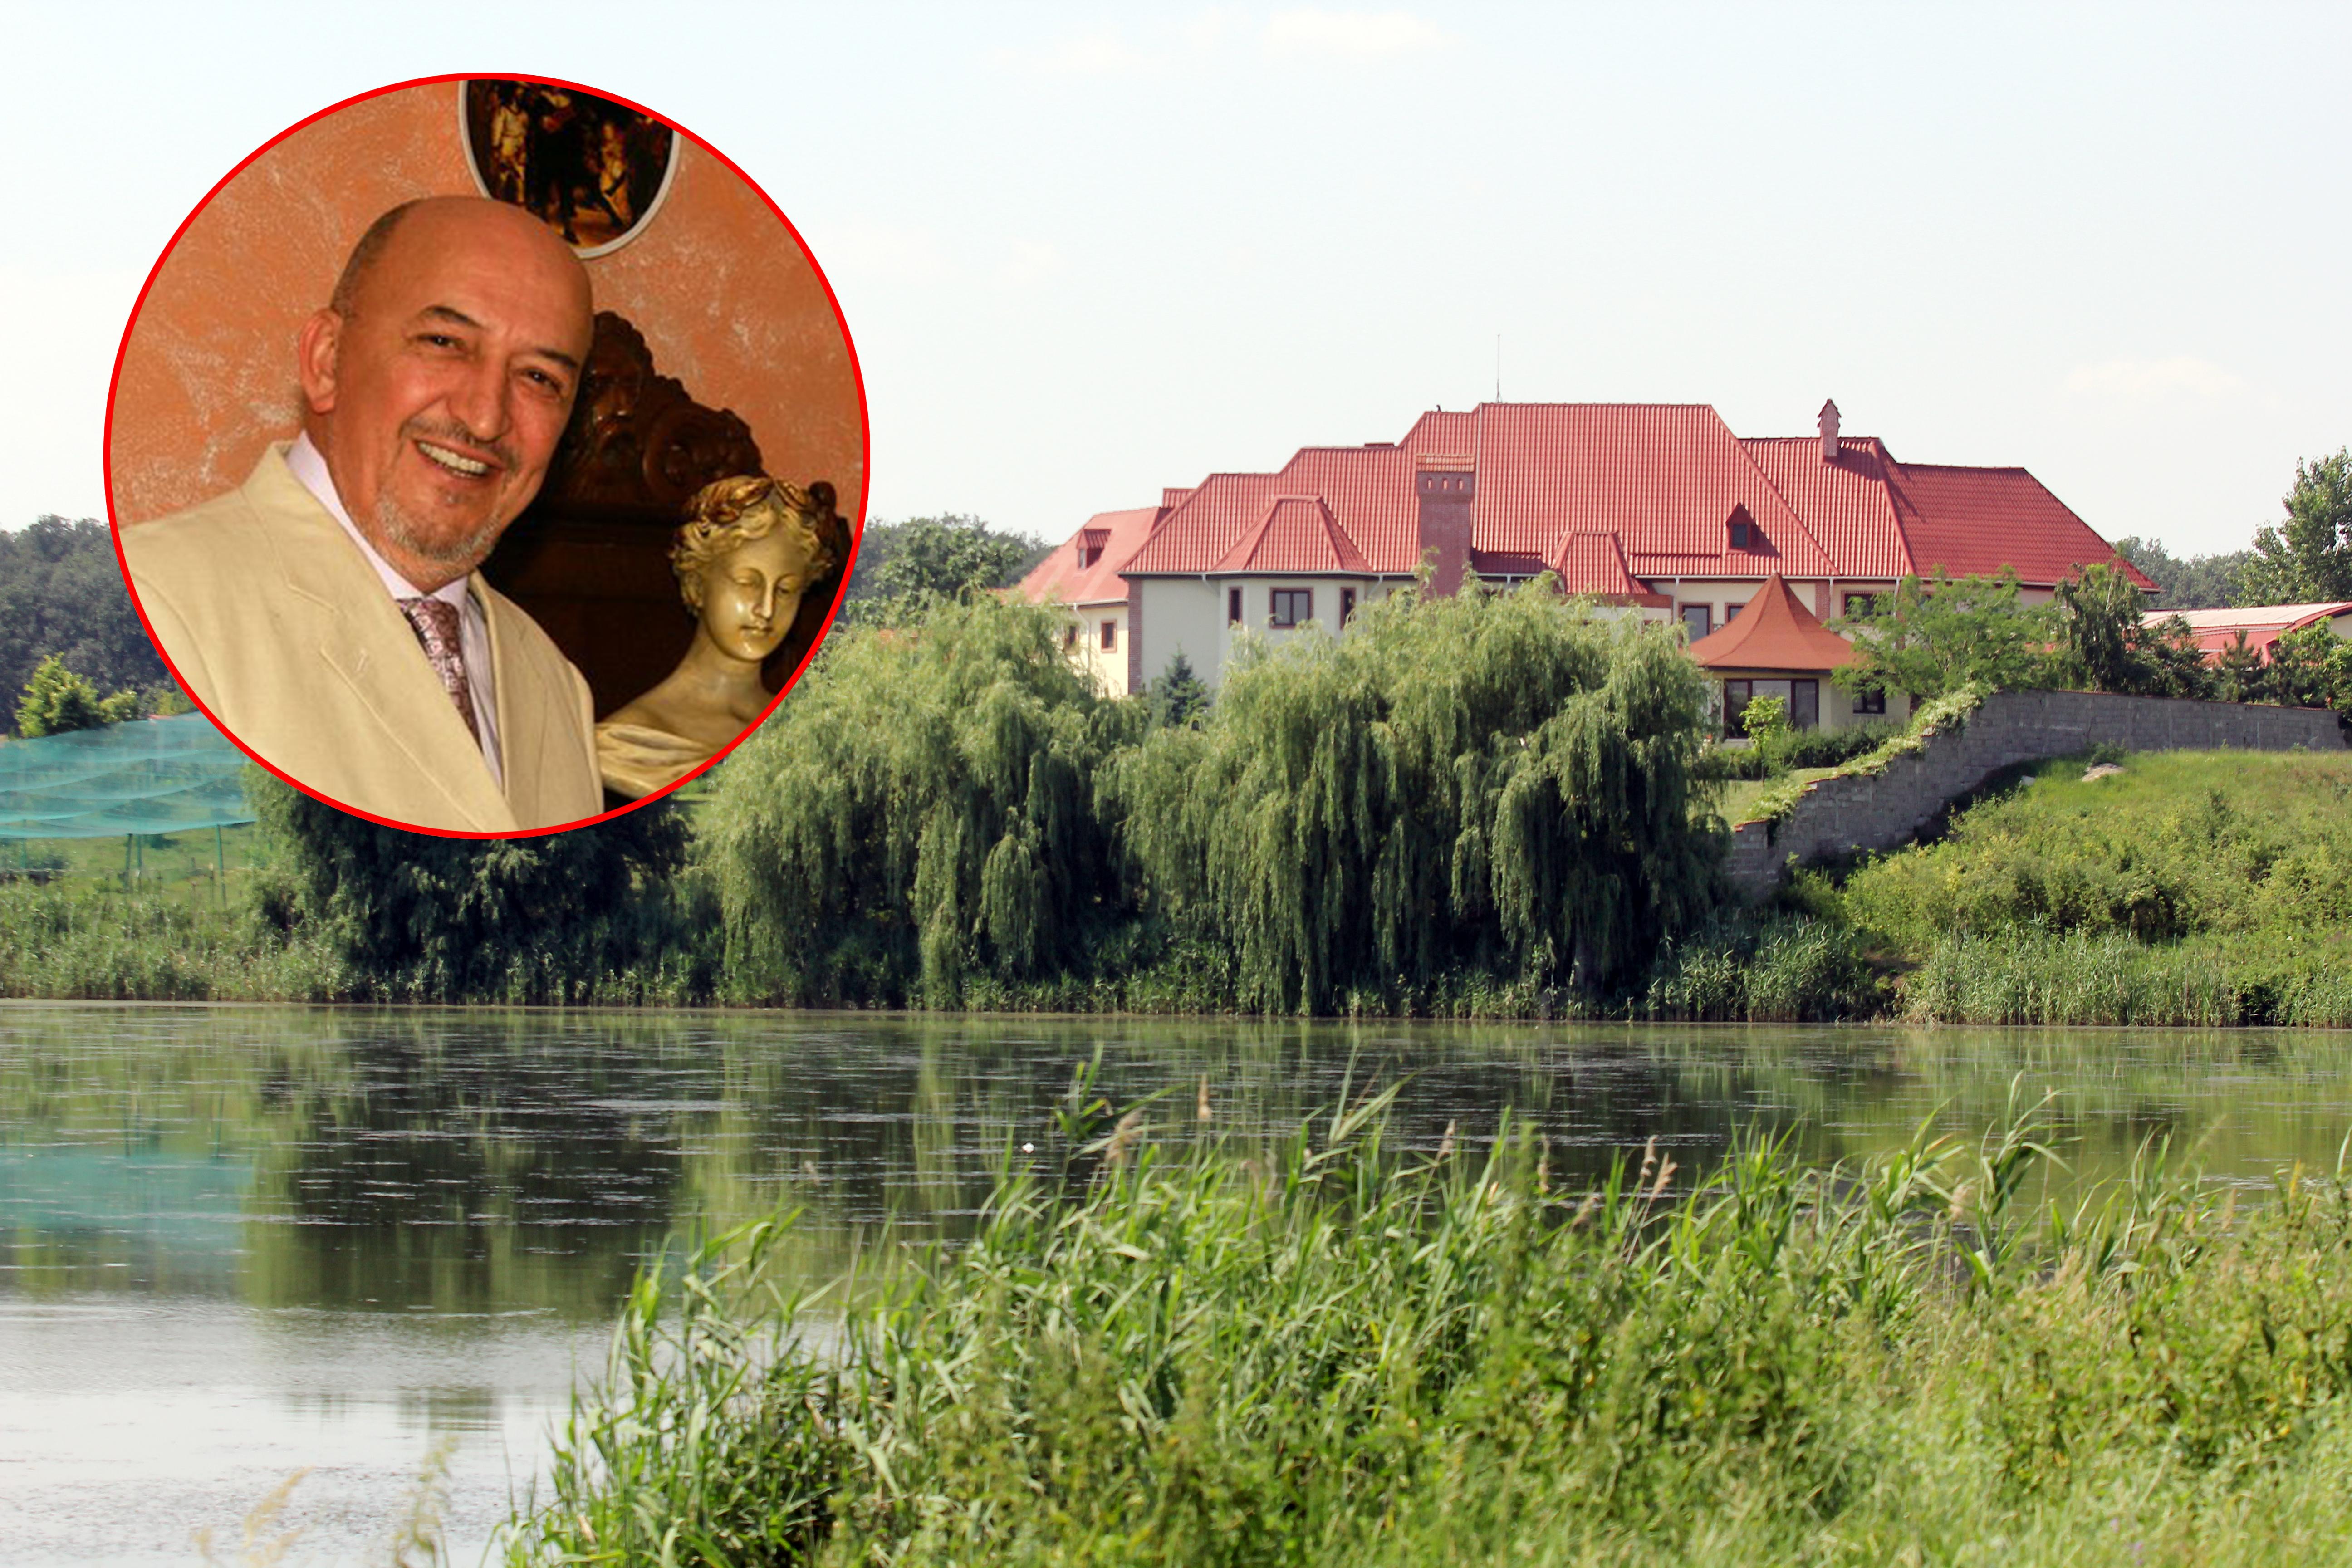 Crin Halaicu si-a construit un palat pe marginea lacului Mogosoaia